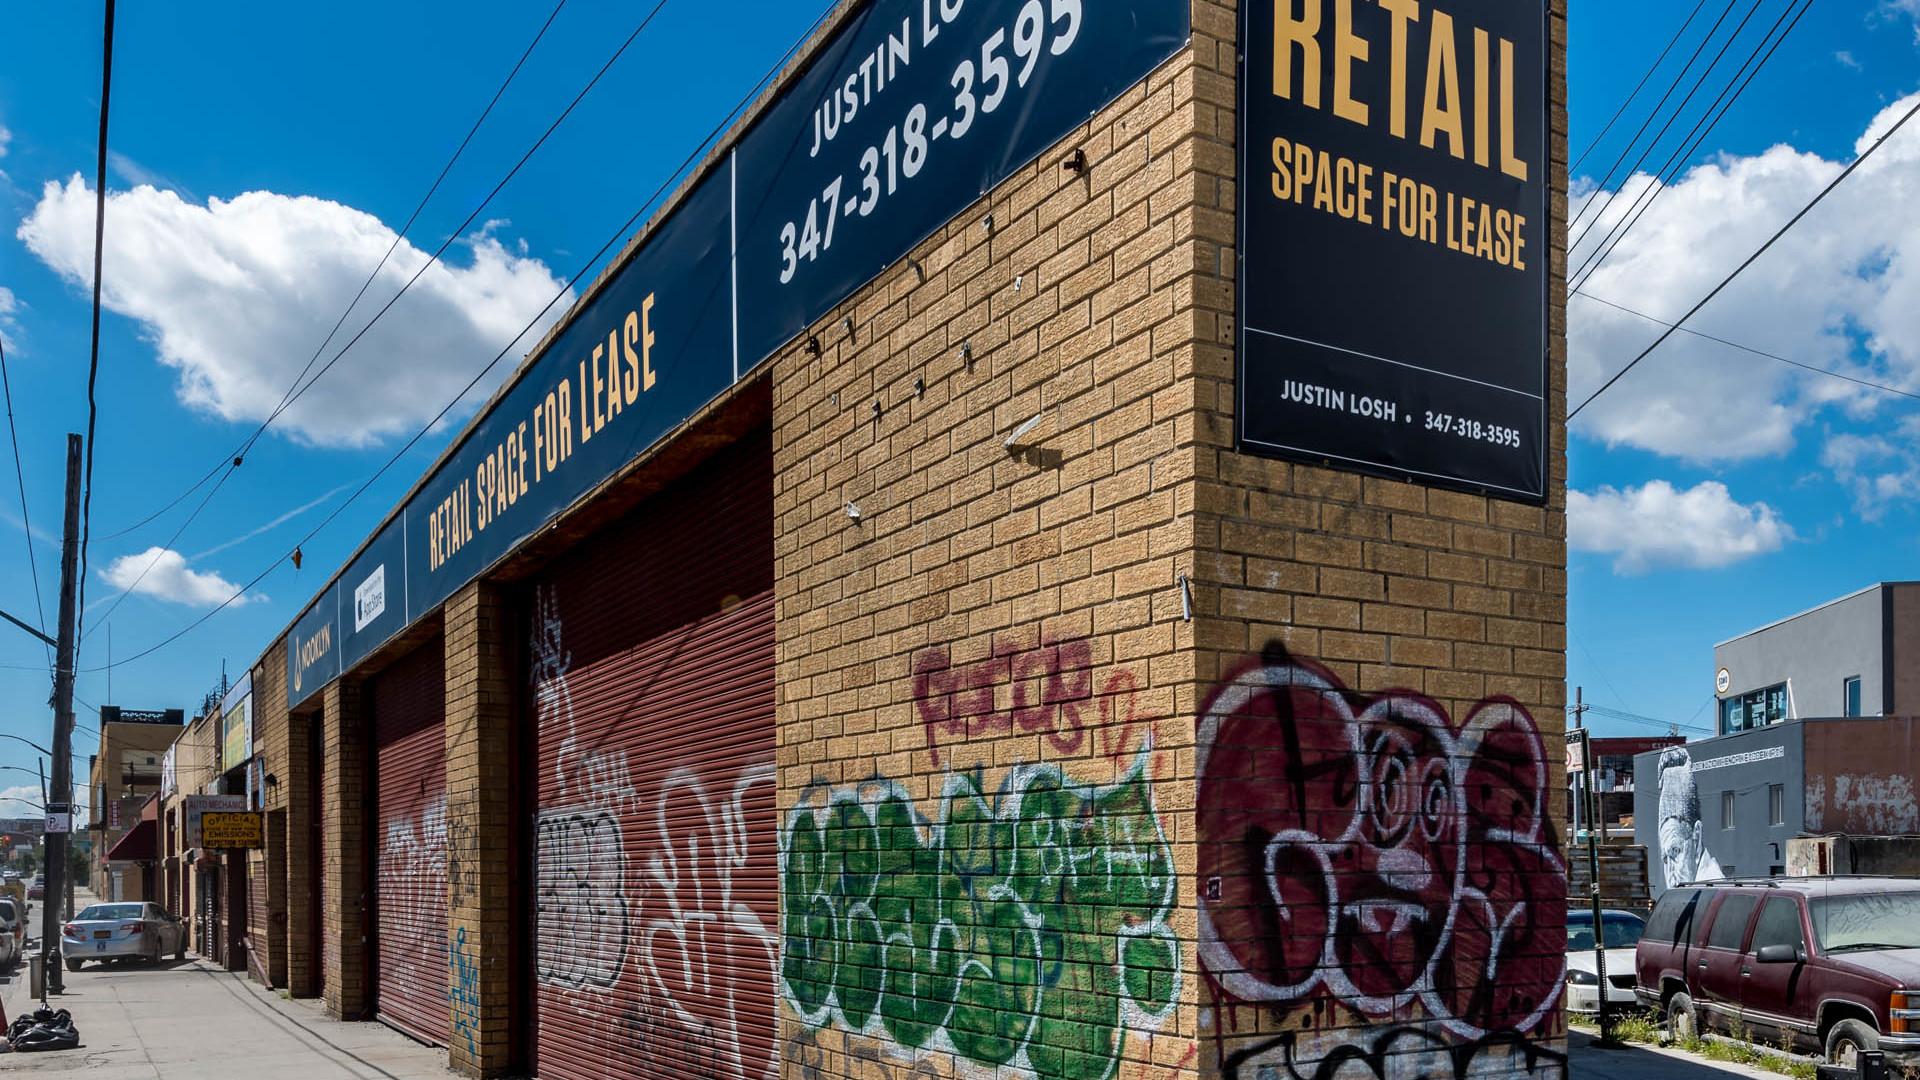 A $7,500 commercial property in Bushwick, Brooklyn - Nooklyn